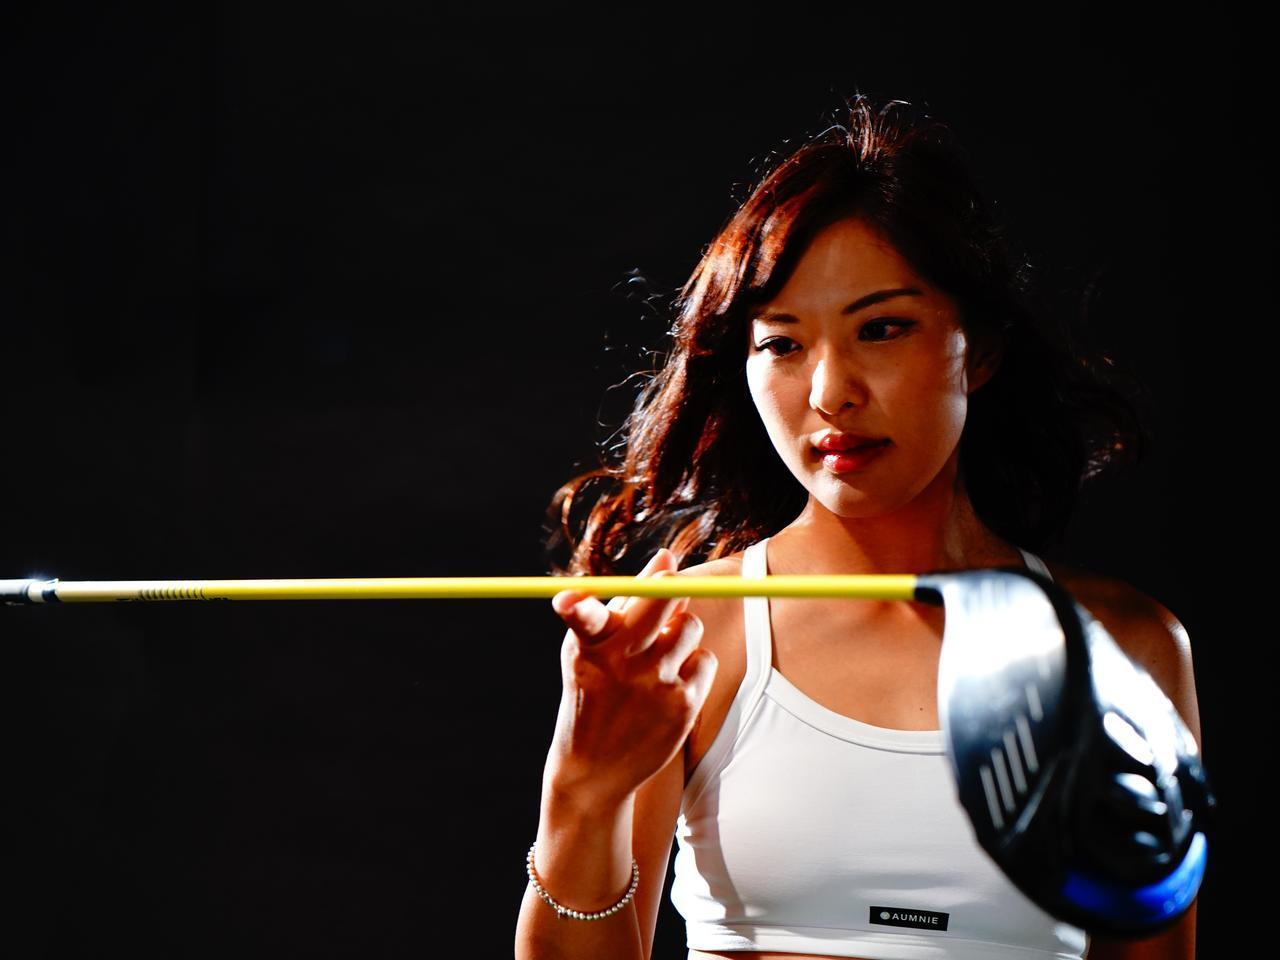 画像: 【重心点とは】 指一本でクラブを支えられるポイントが重心点。ここを意識することでより振りやすくなる